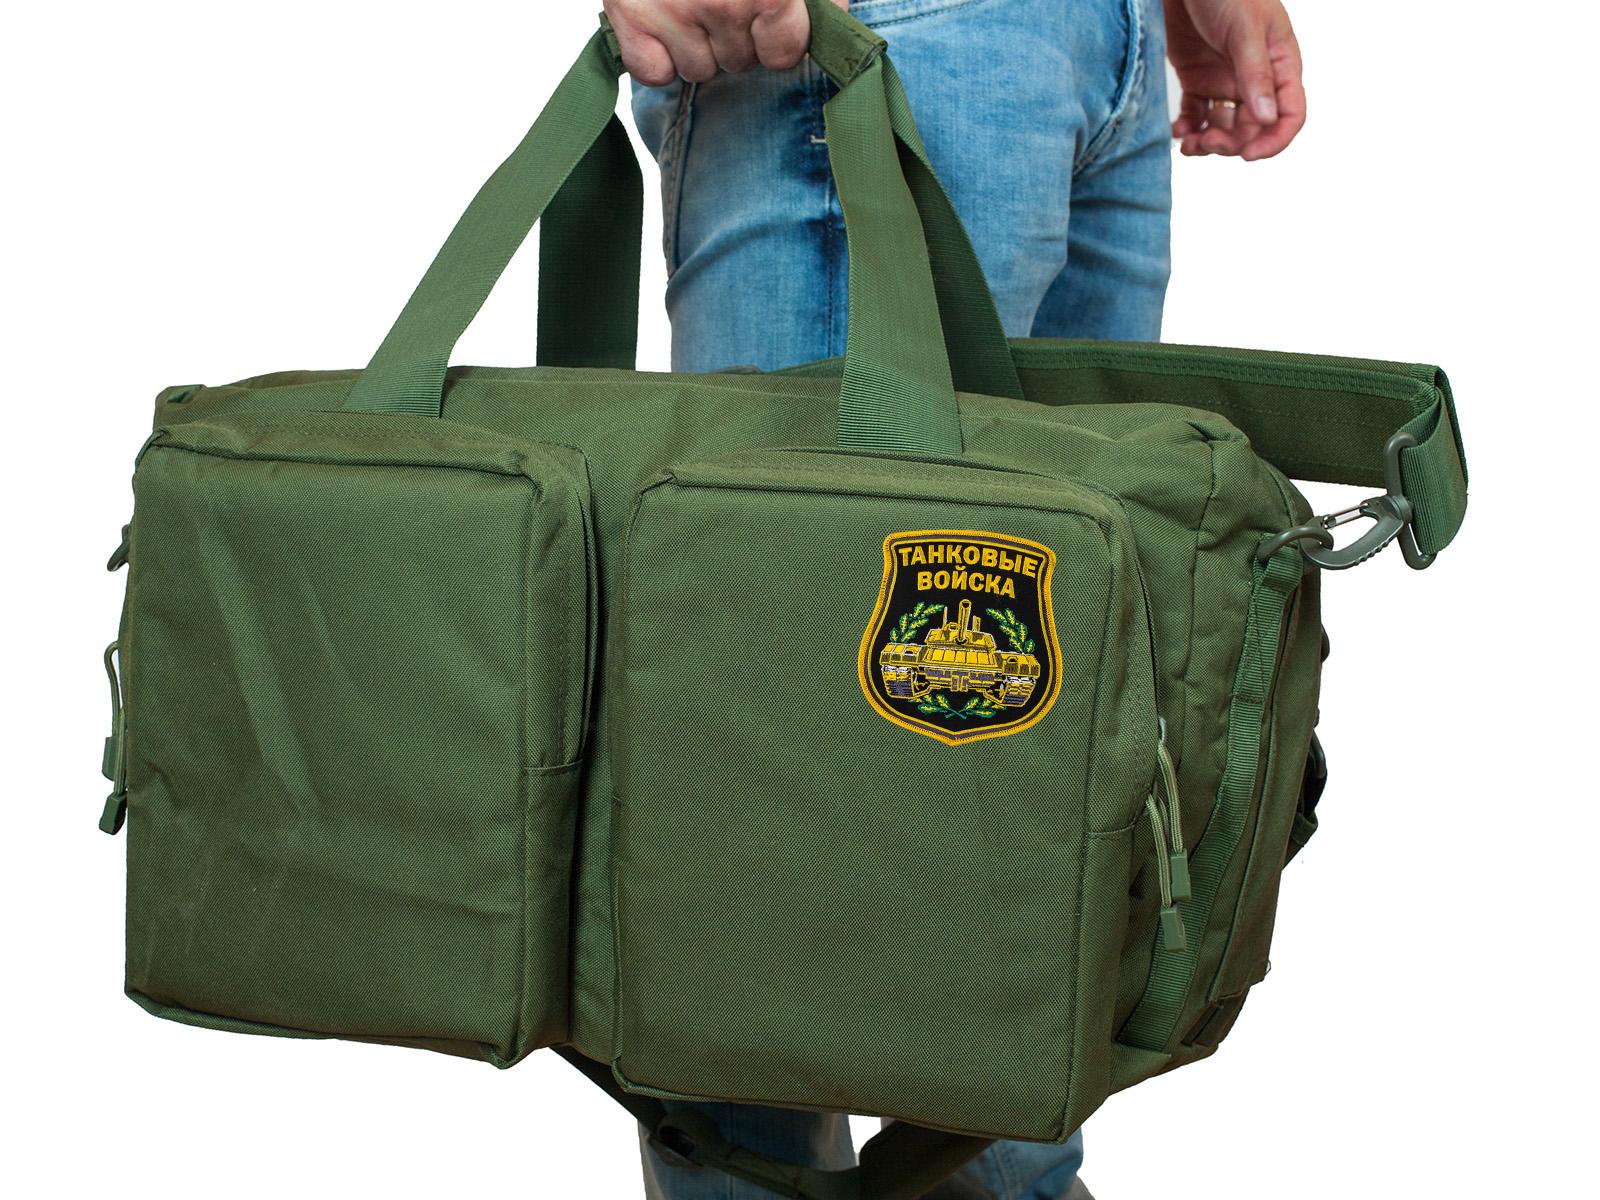 Крутая походная сумка-рюкзак с нашивкой Танковые Войска - купить оптом